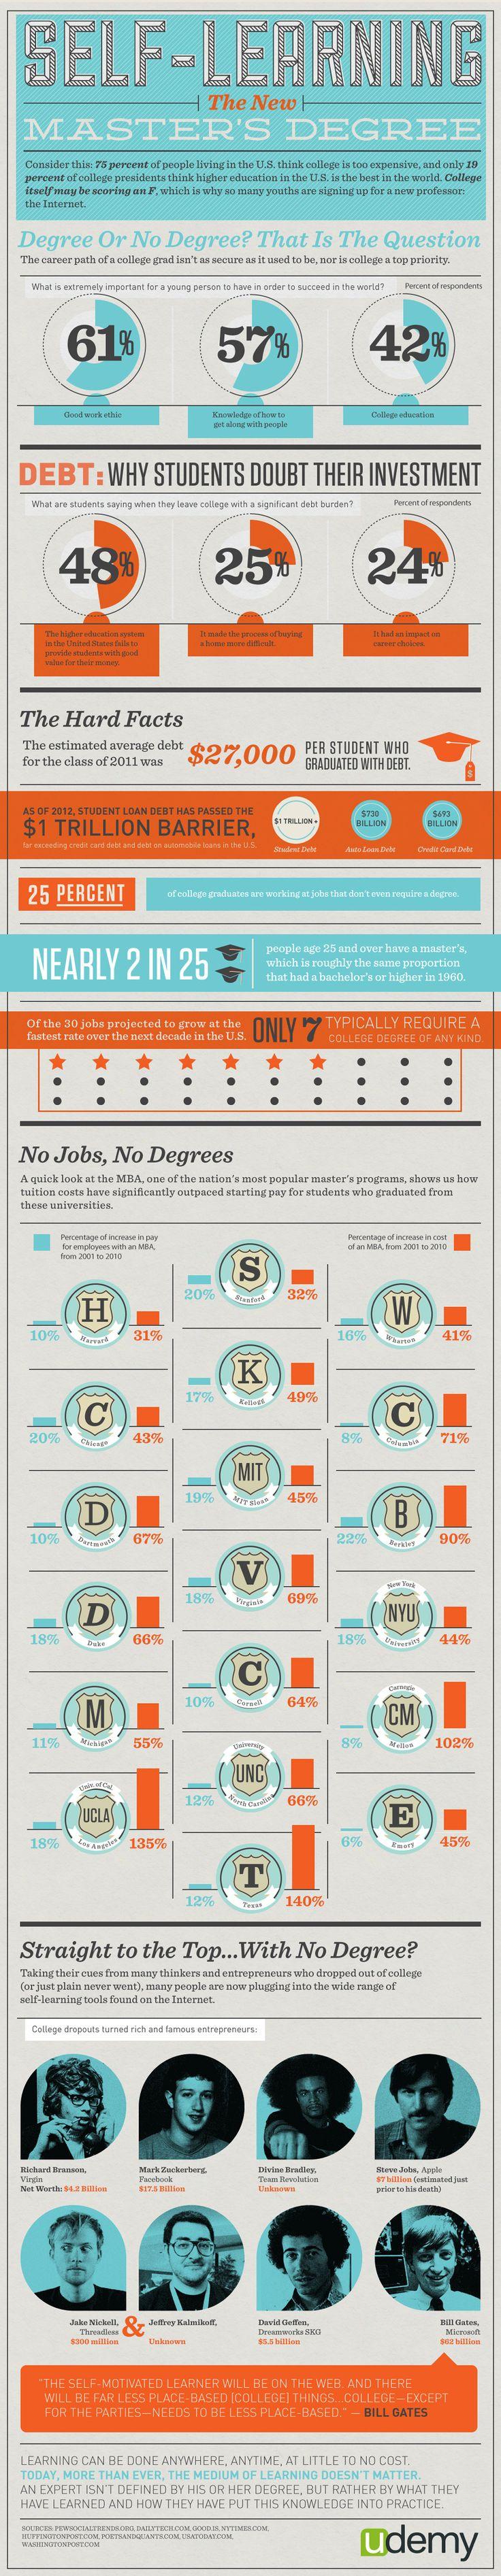 ¿Es mejor estudiar una carrera o no? #infografia #infographic #education